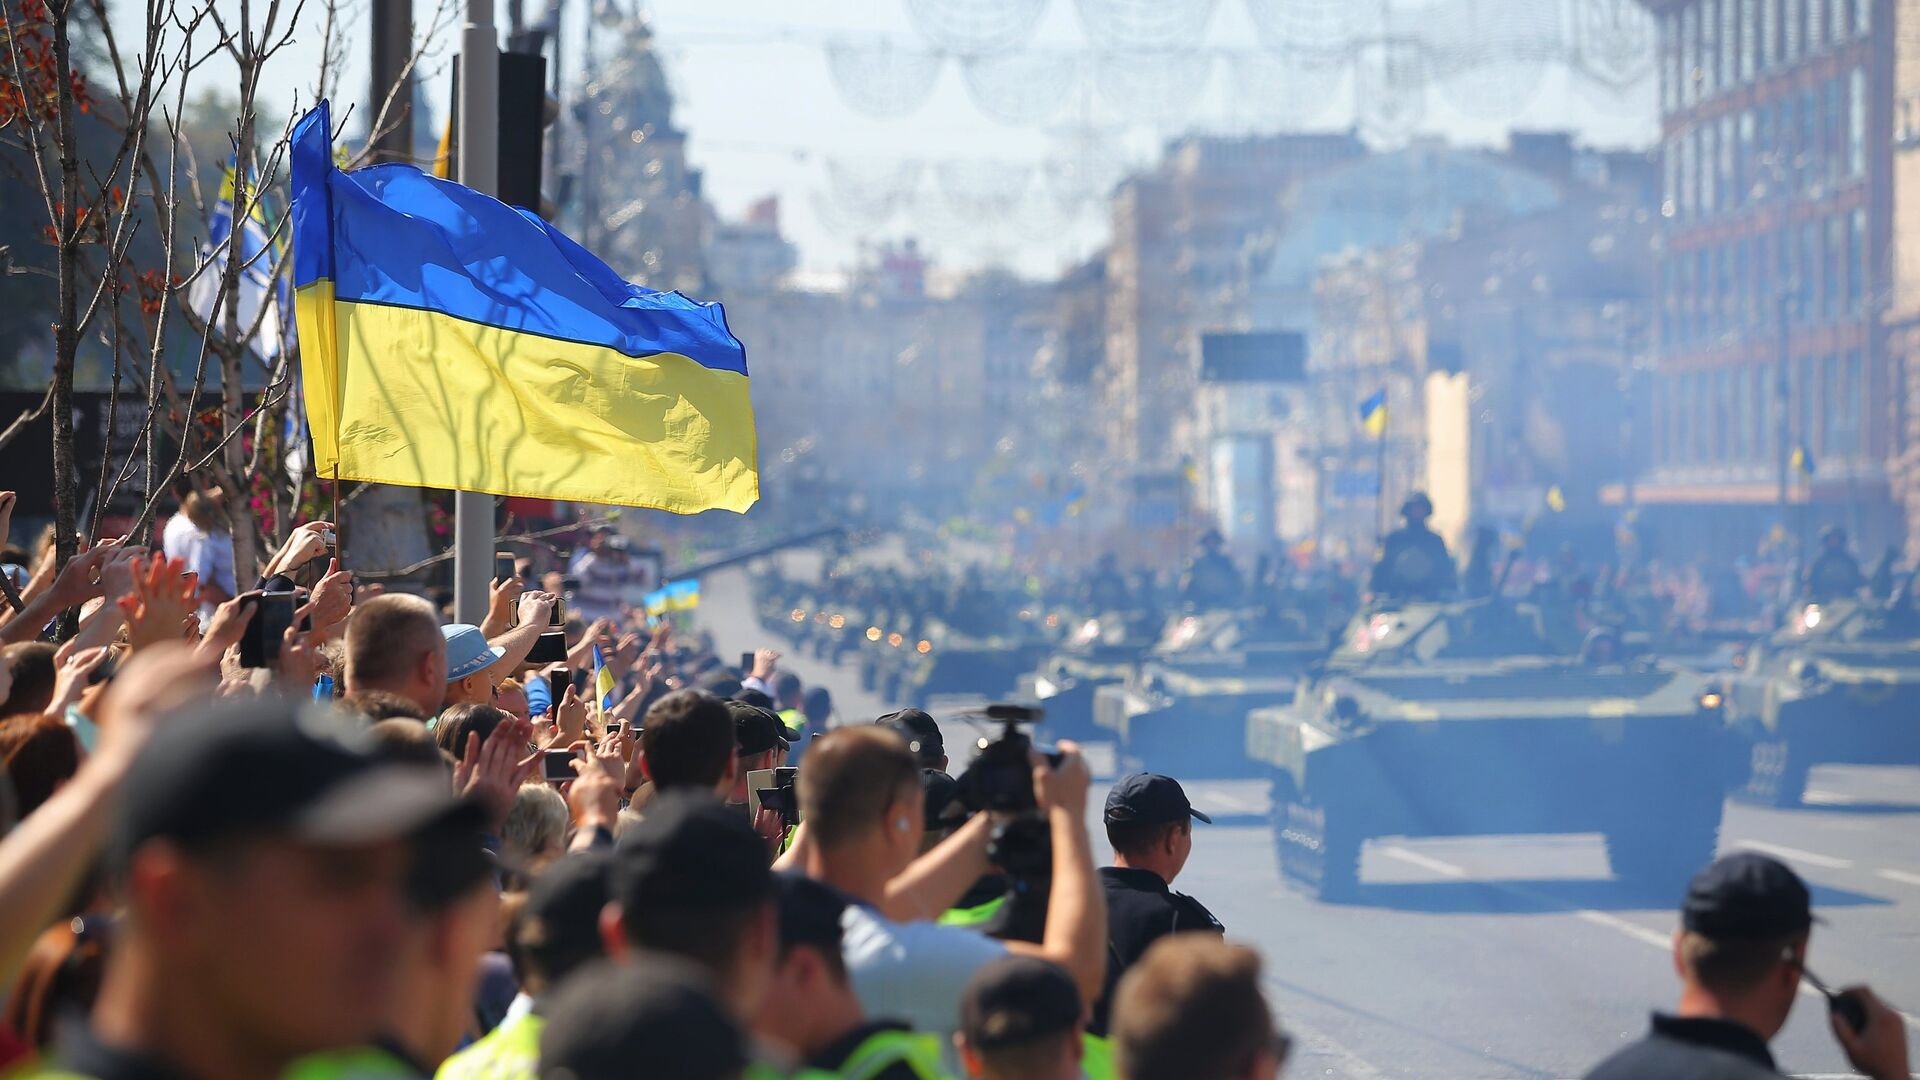 Военный парад в Киеве по случаю Дня независимости Украины - РИА Новости, 1920, 19.08.2021